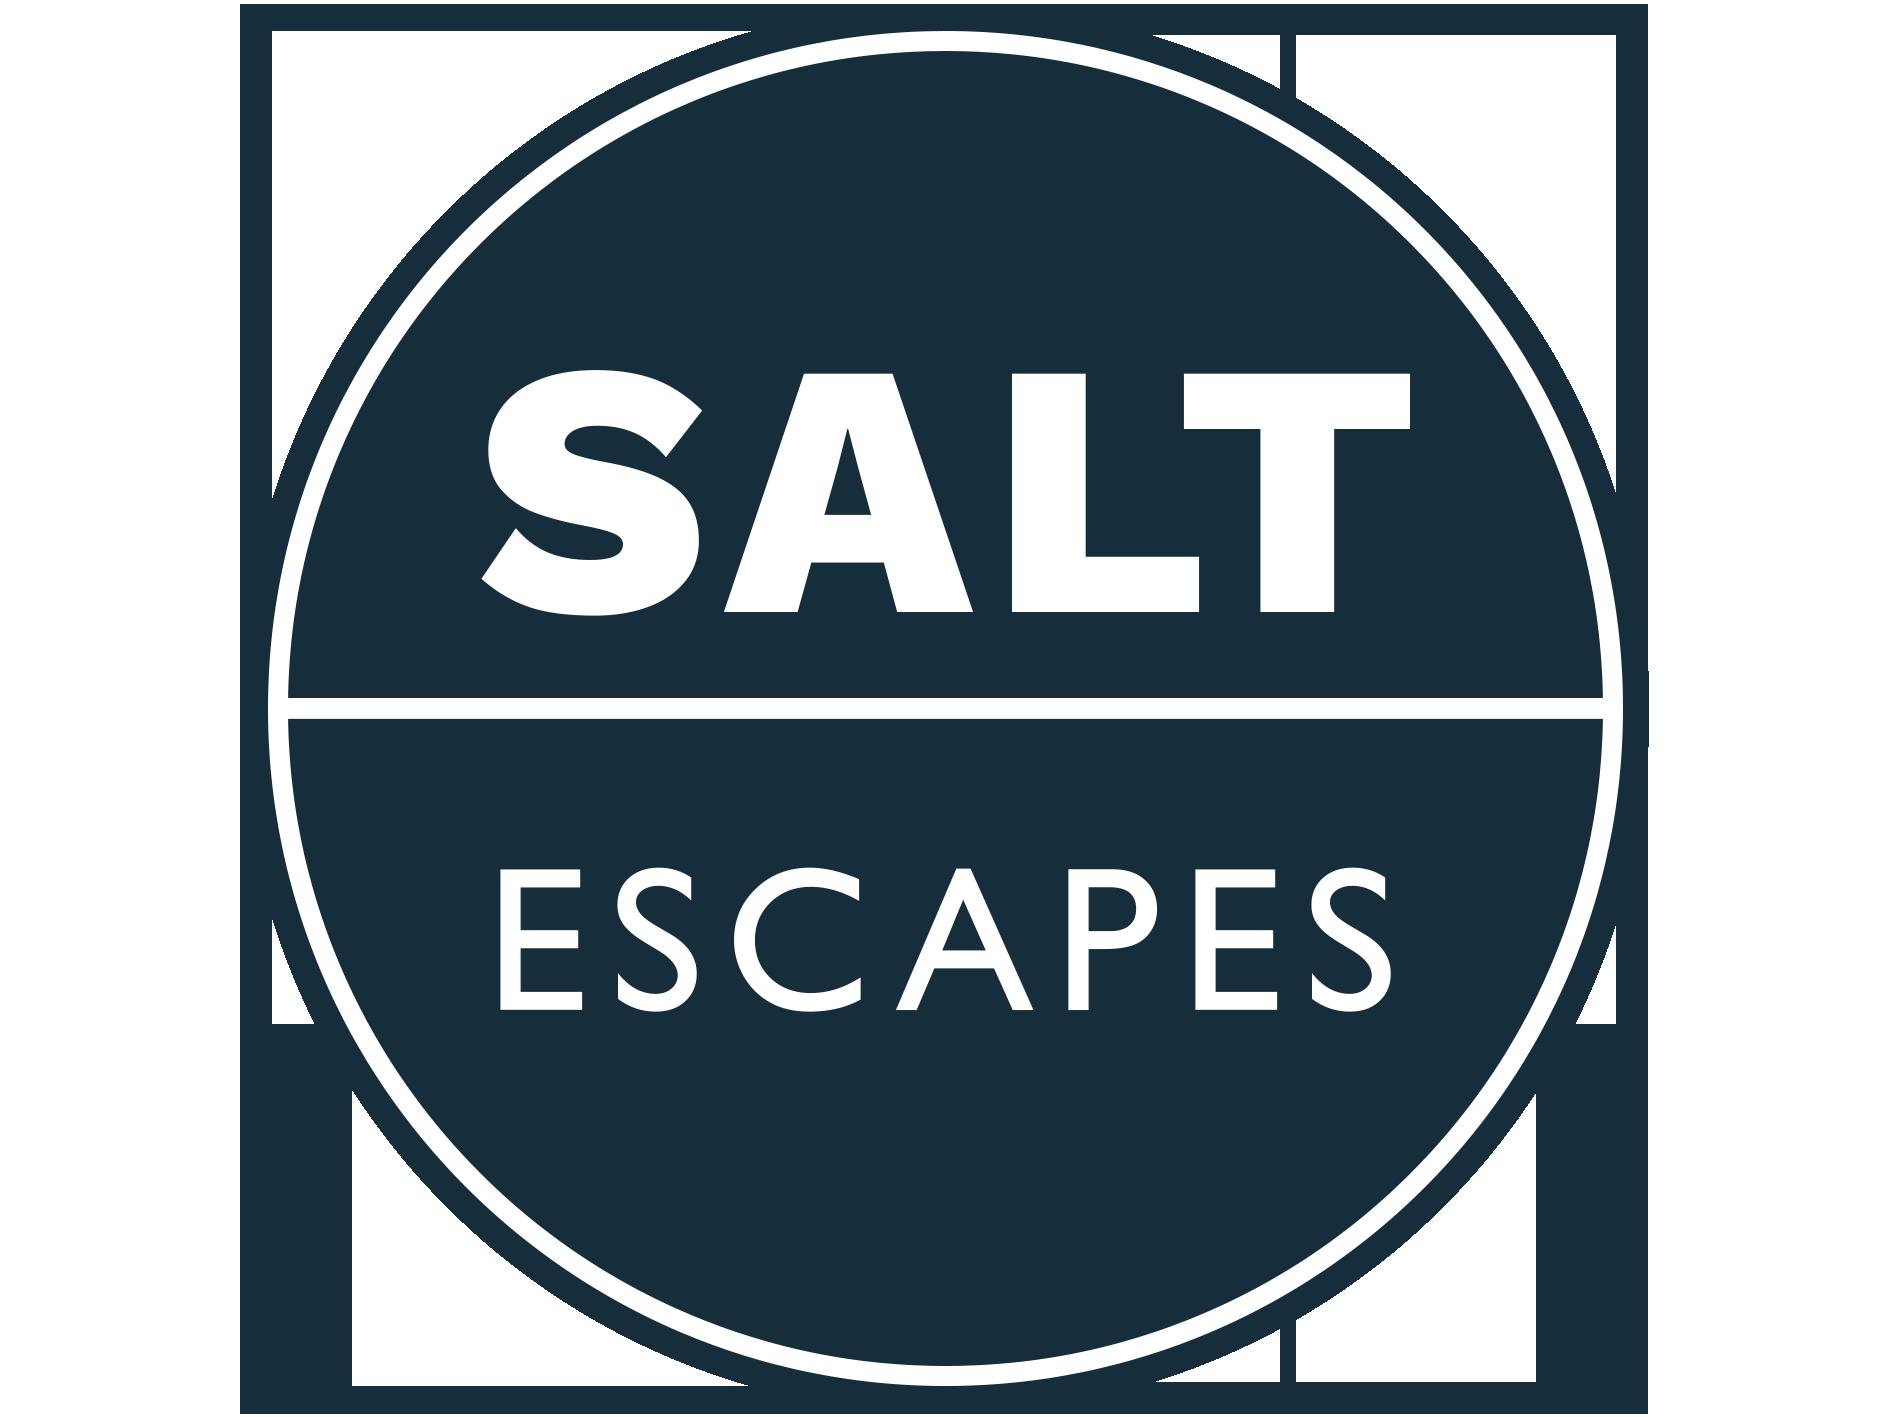 Salt Escapes logo